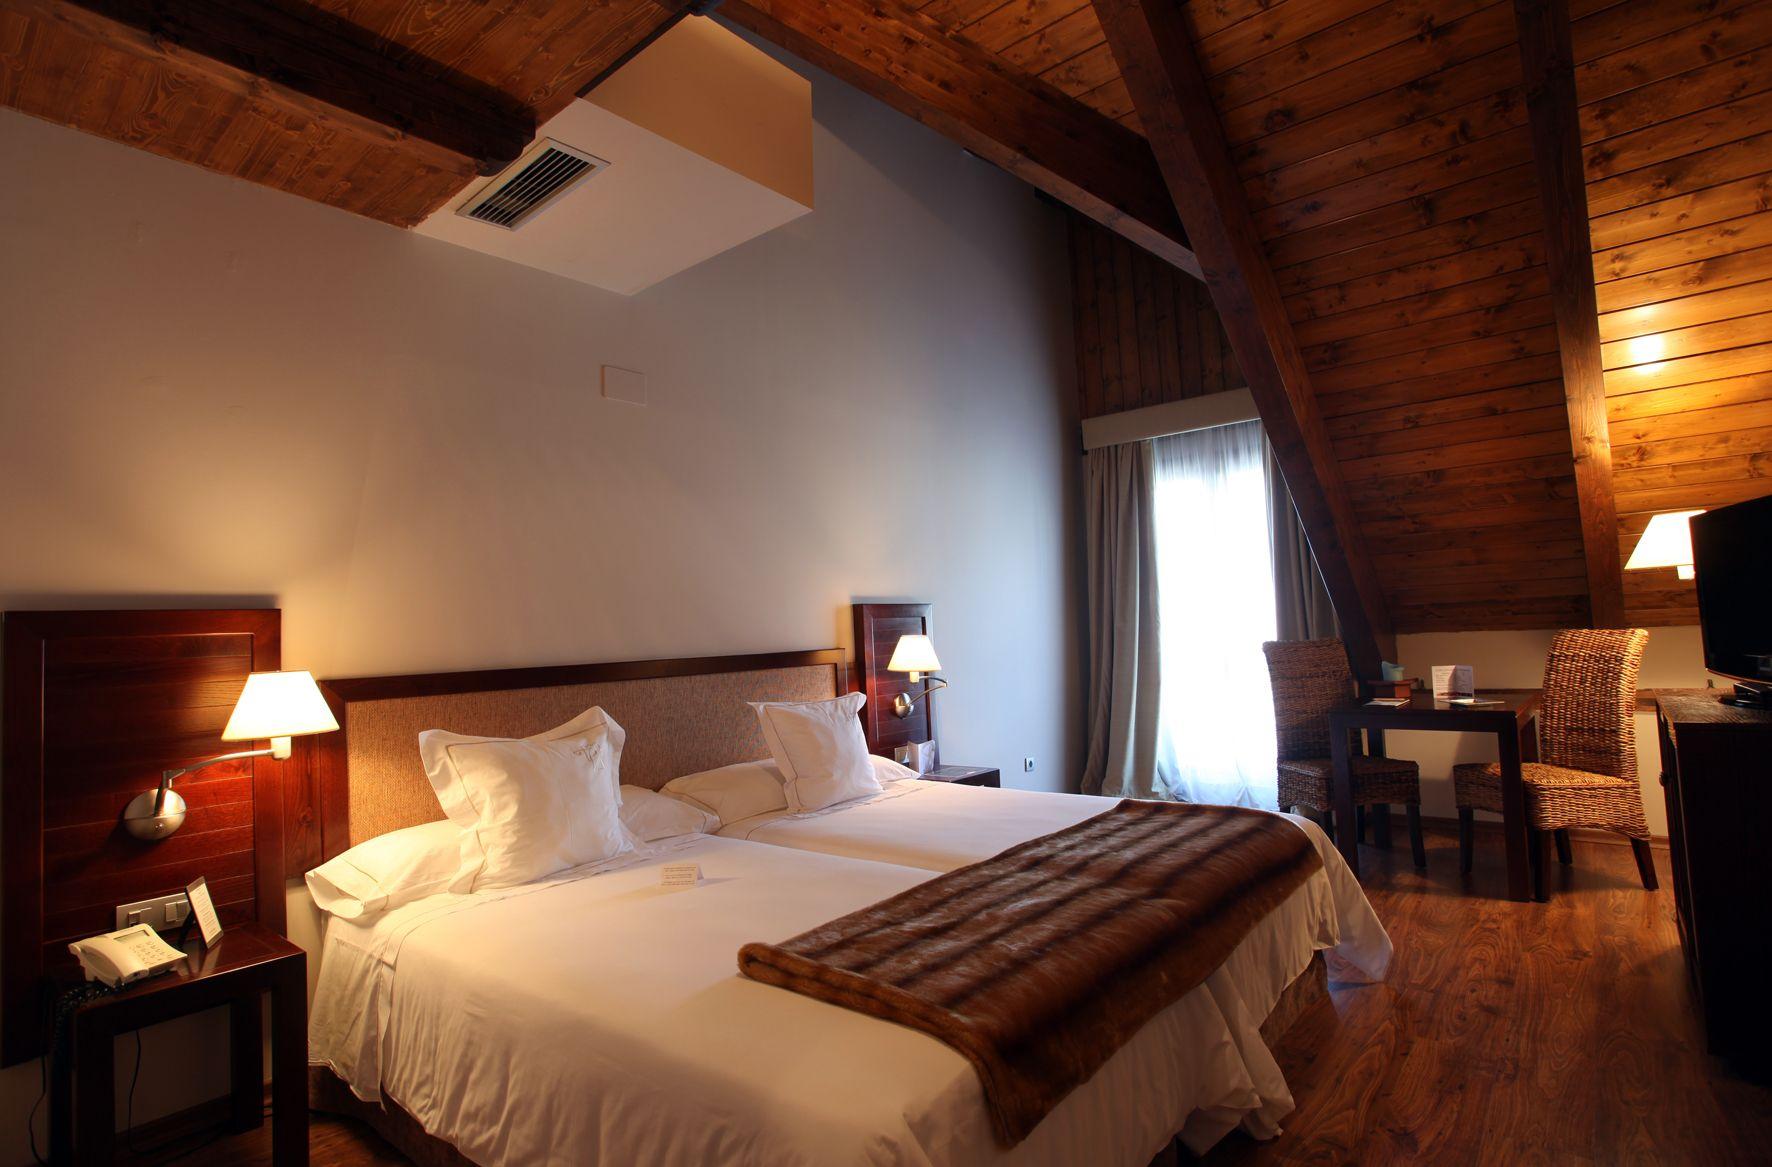 Habitaciones abuhardilladas hotel el privilegio de tena pirineo aragon s hotel el privilegio - Habitaciones abuhardilladas ...